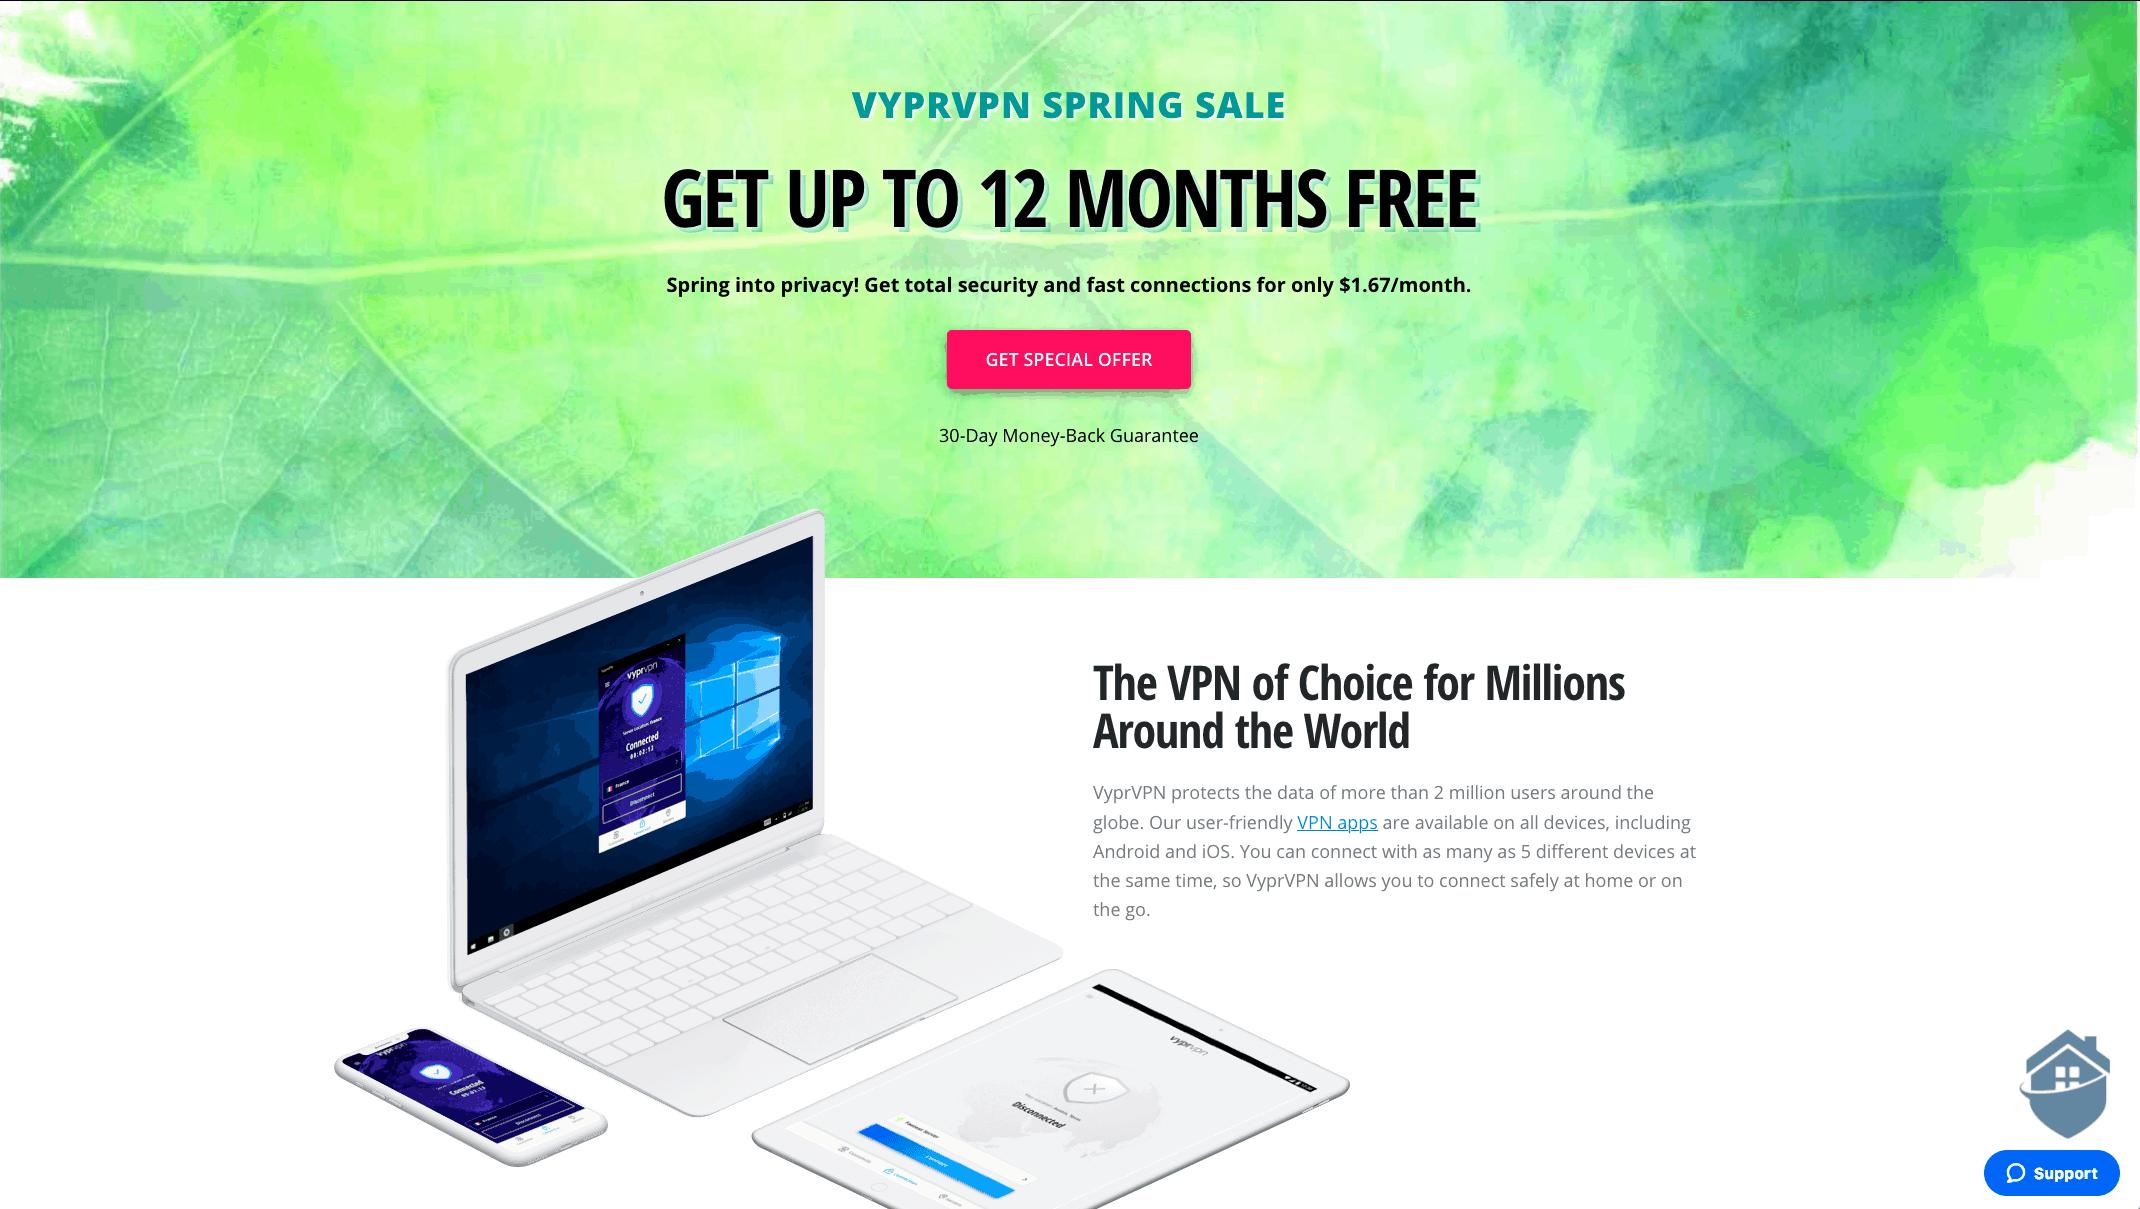 VyprVPN Spring Sale